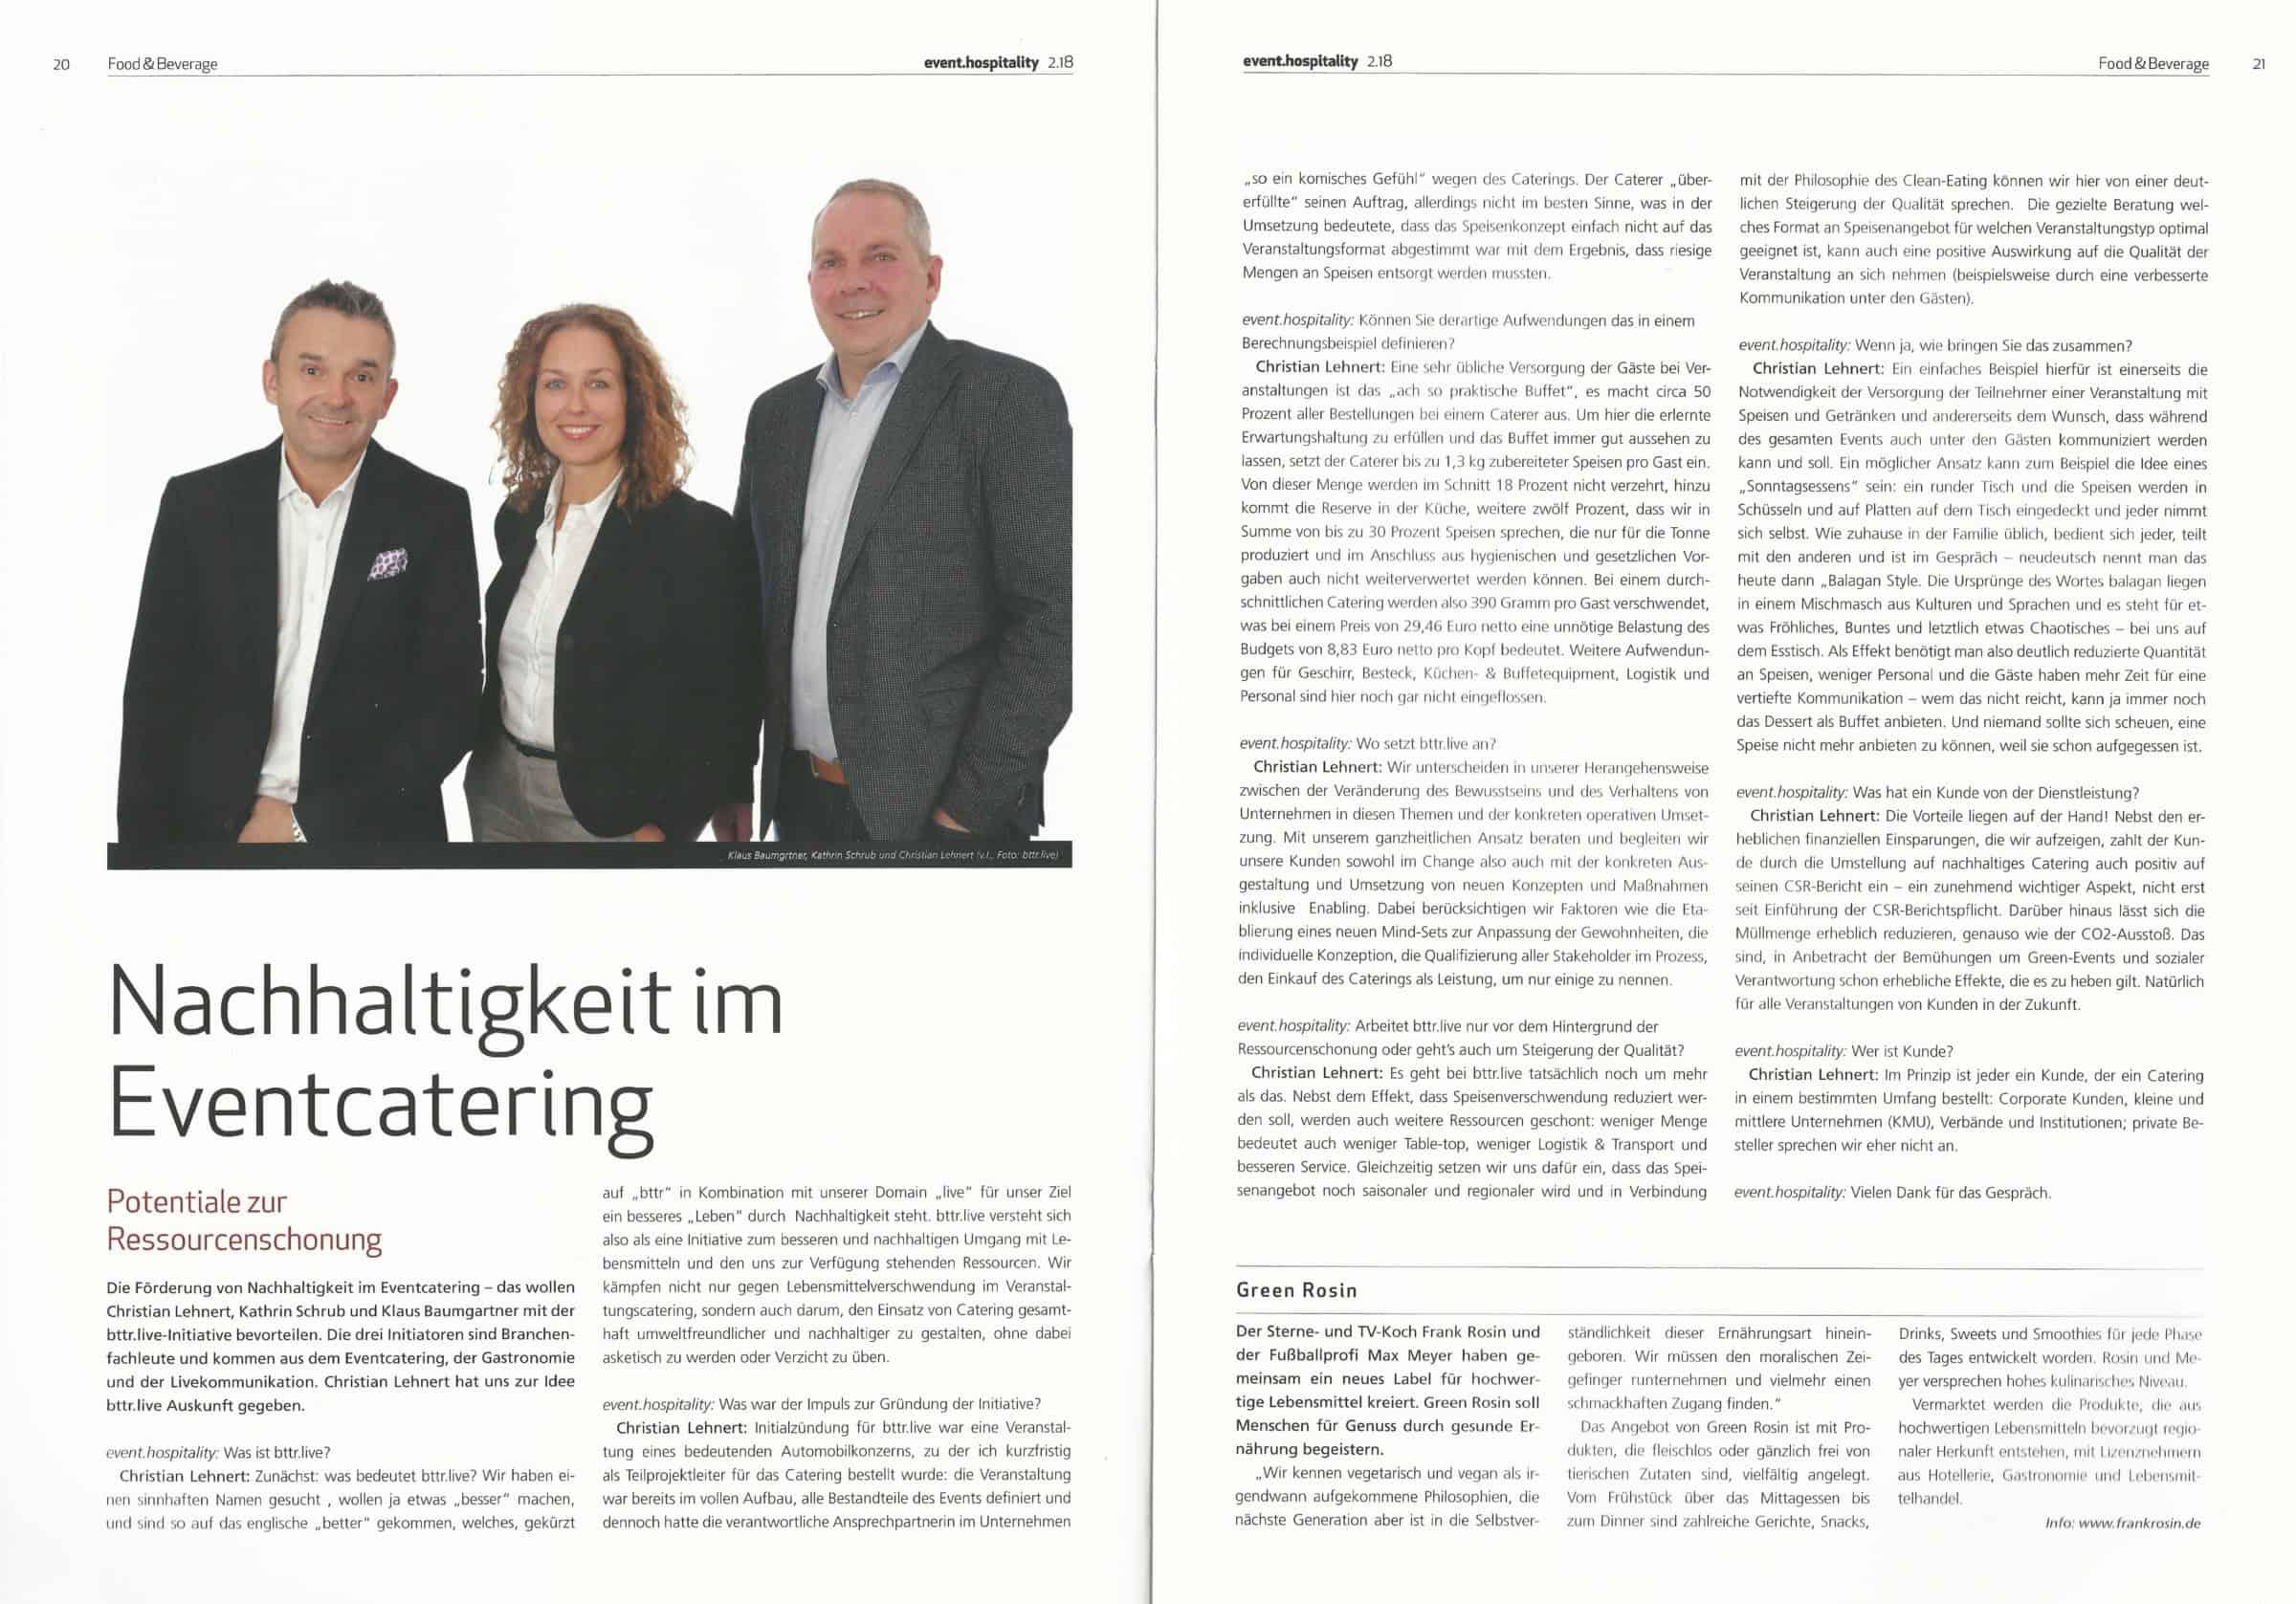 Sonderausgabe 02 2018 von event.hospitality mit dem Interview mit Christian Lehnert zu Nachhaltigkeit im Catering